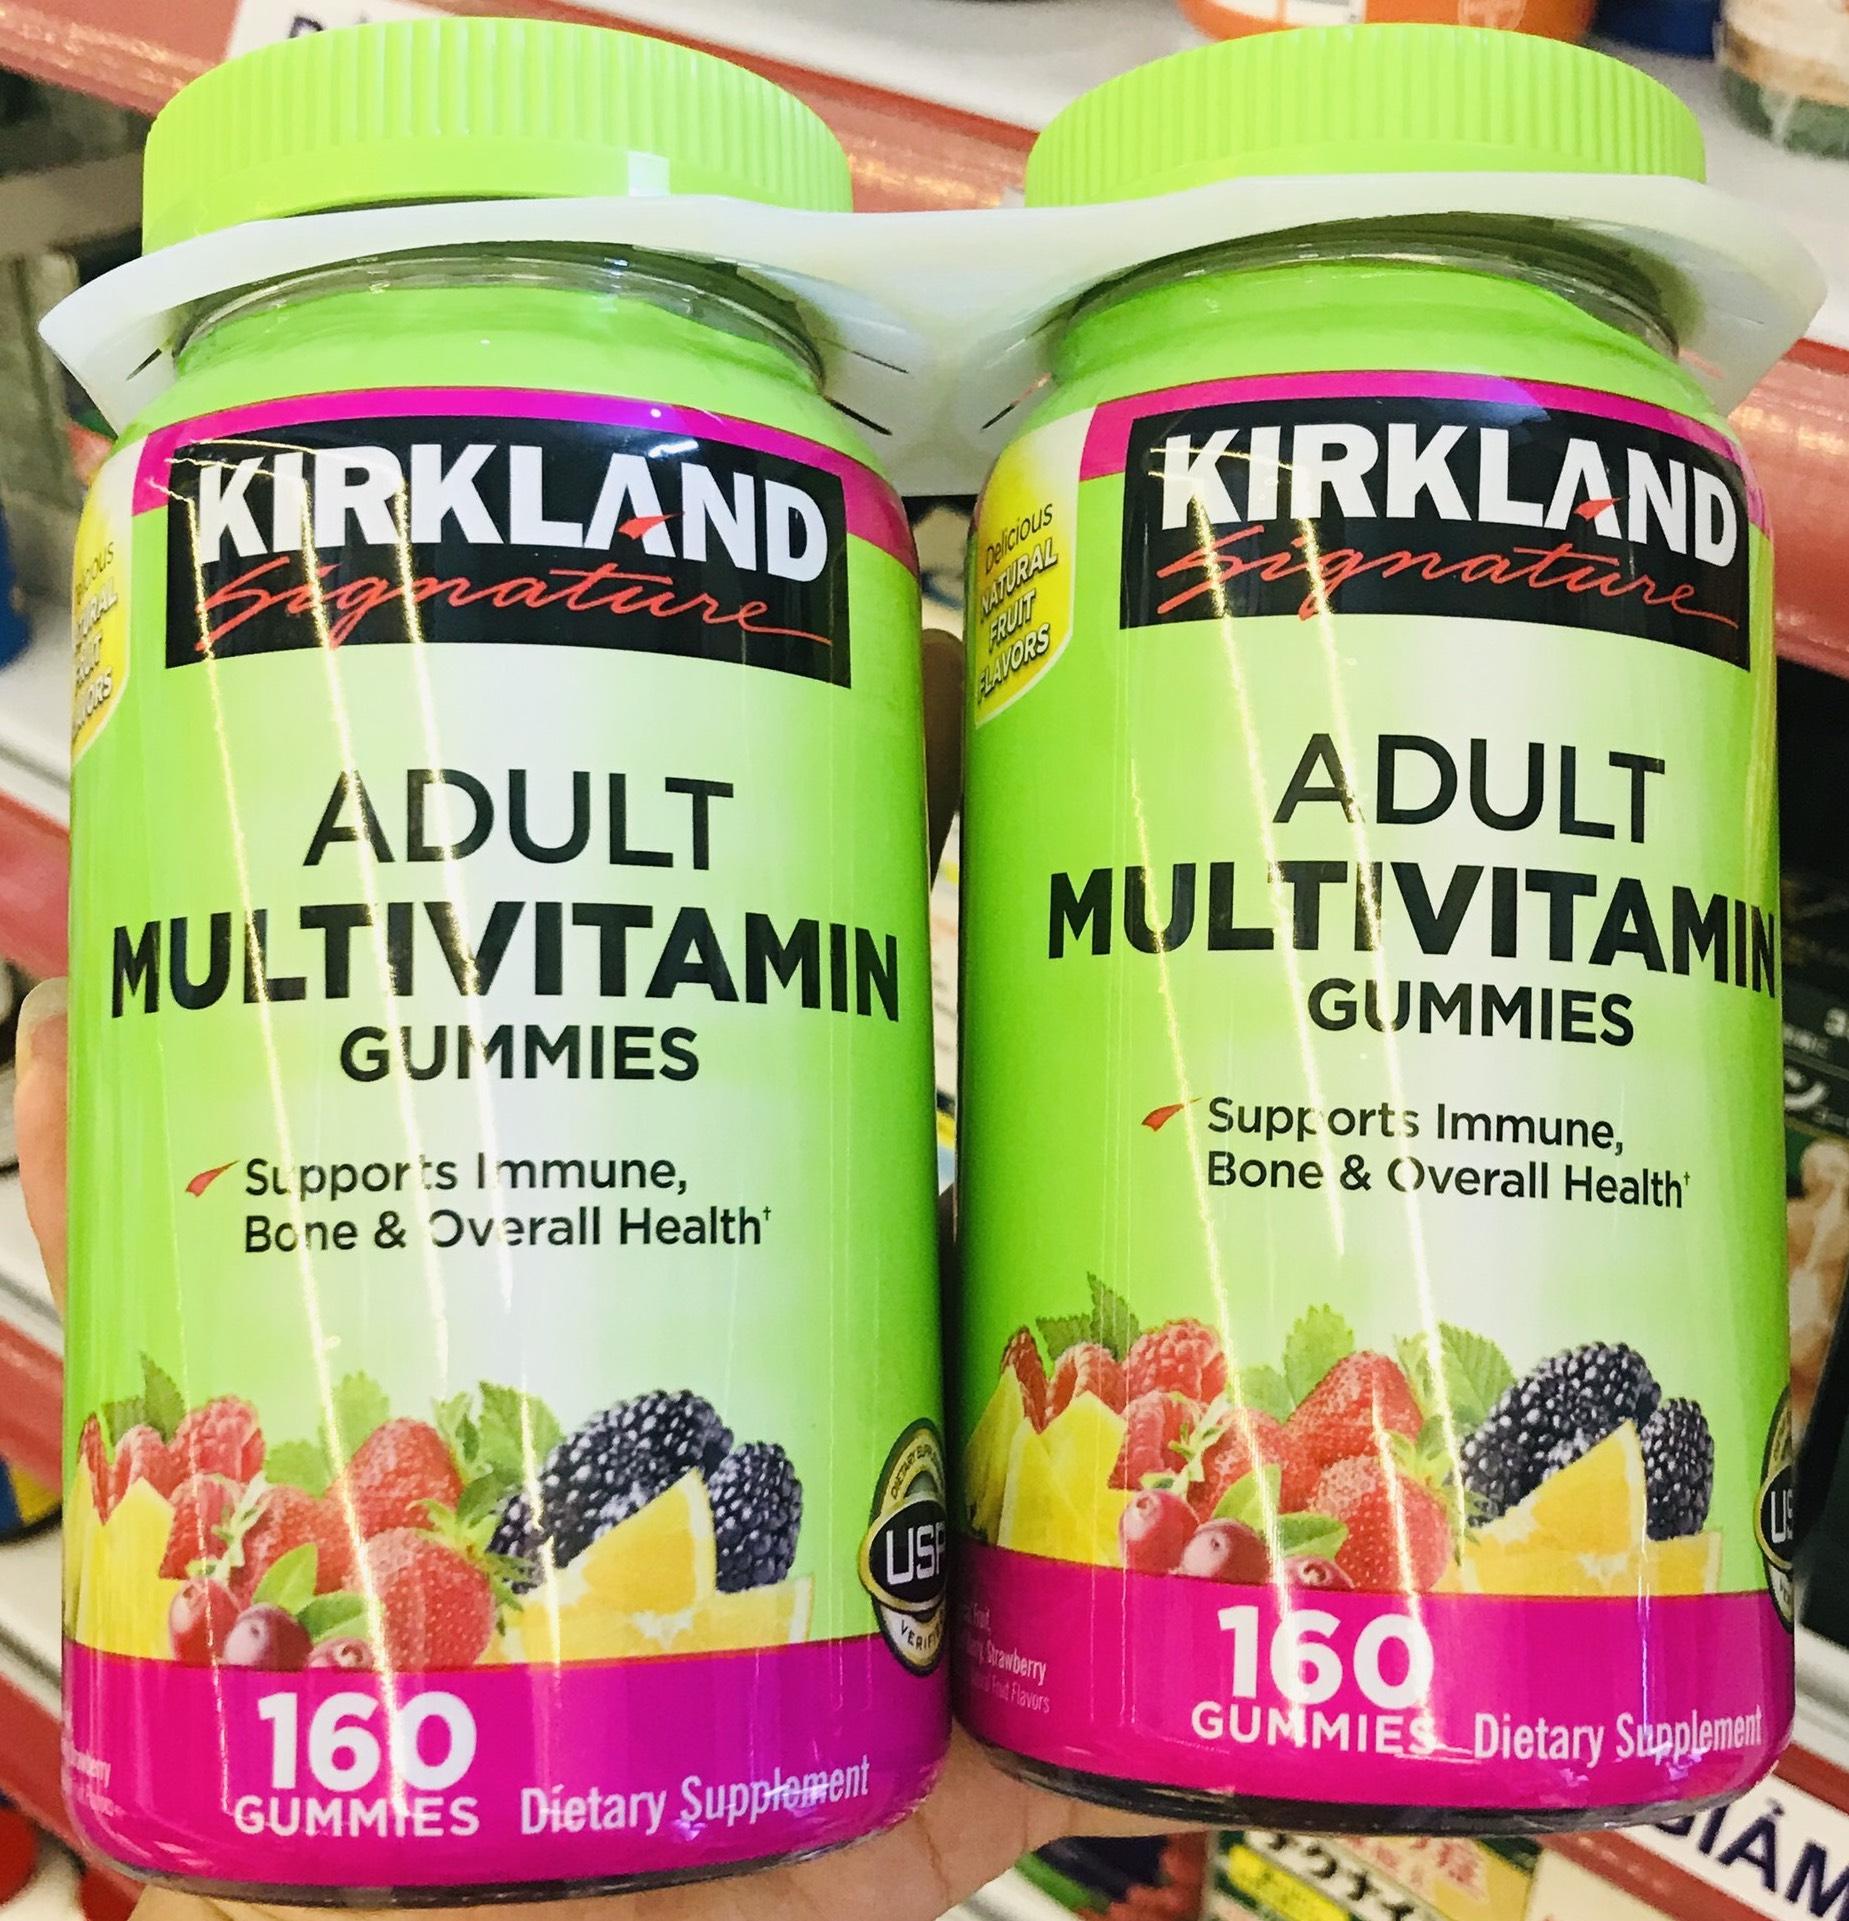 keo deo vitamin kirkland signature adult multivitamin gummies